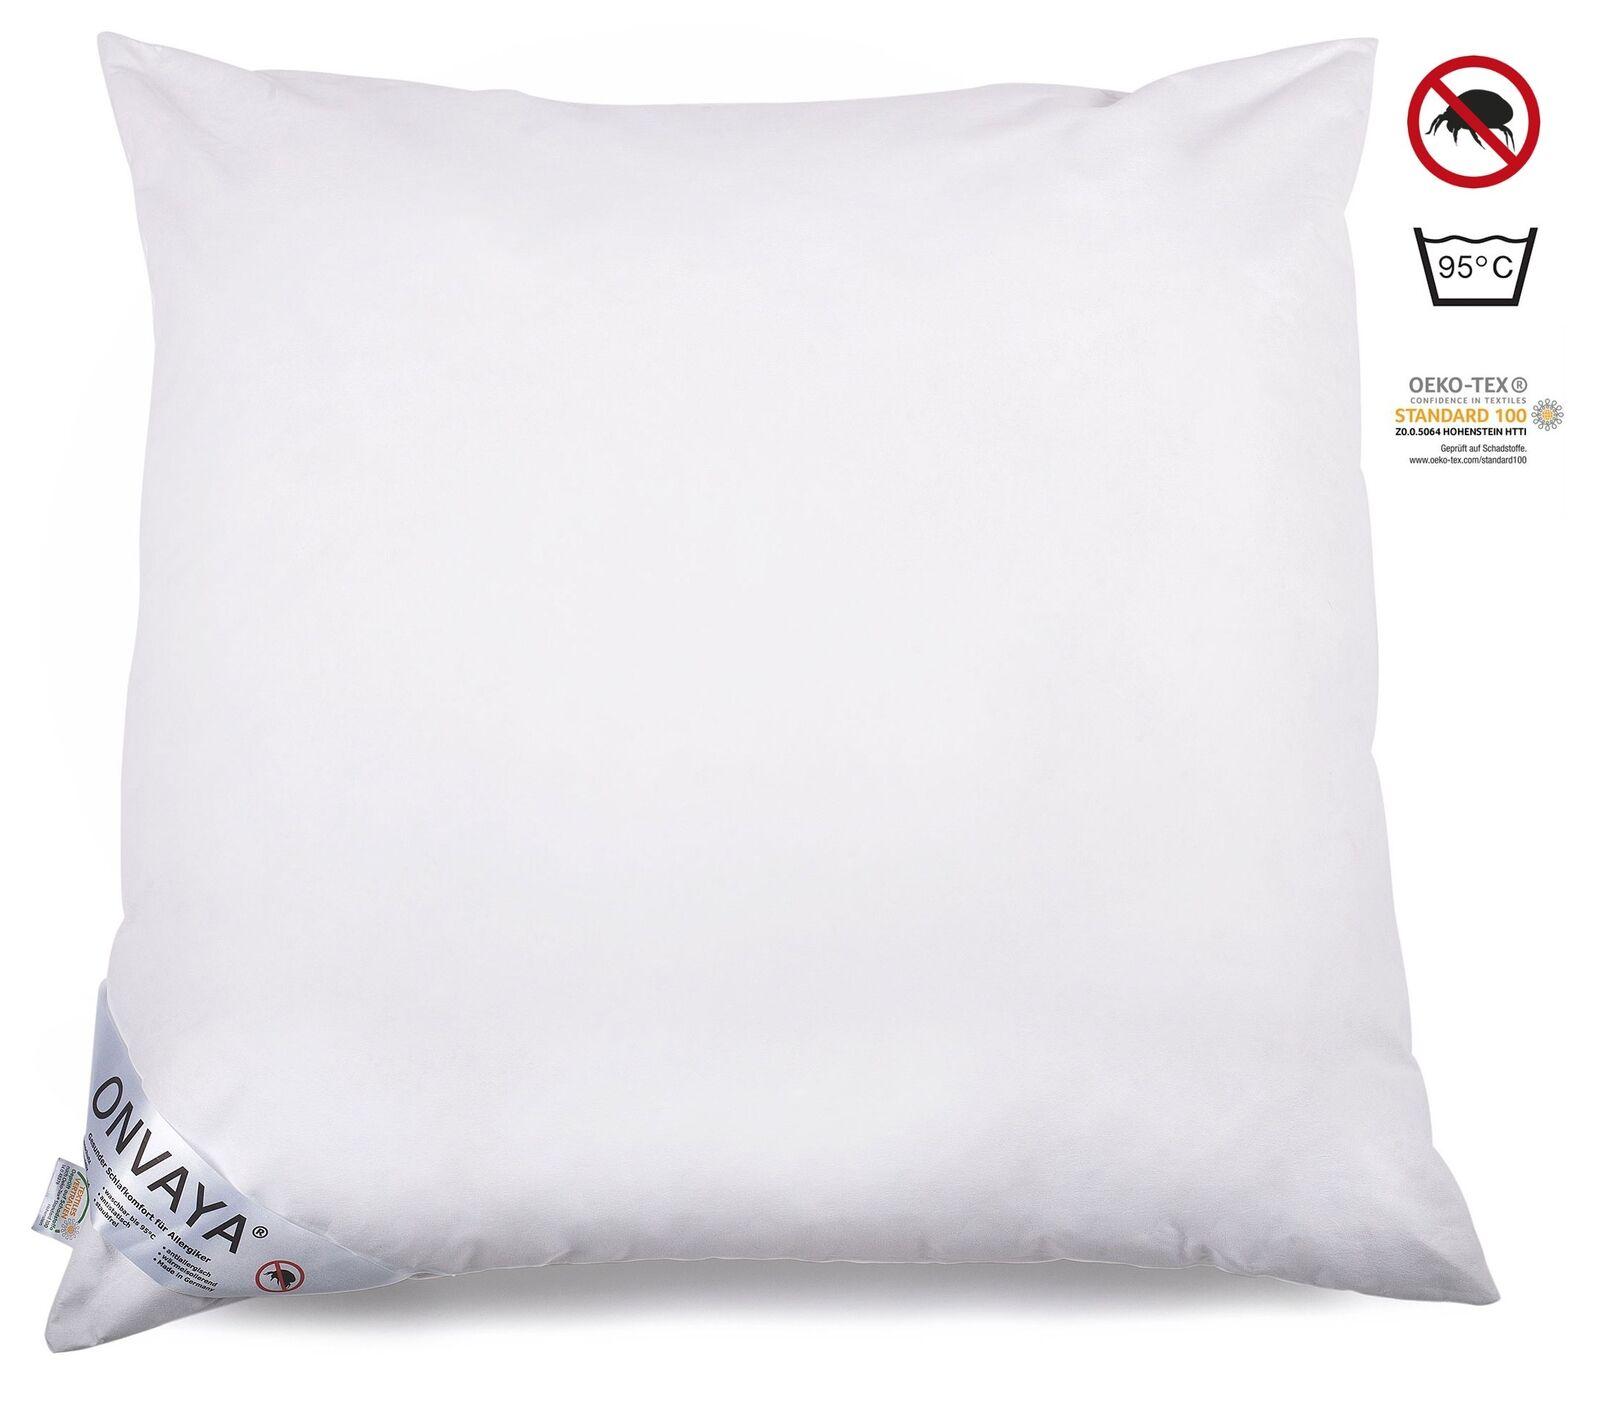 Evolon® Allergiker Kopfkissen 80x80cm Schlafkissen Kissen Milbenschutz 95°C NEU